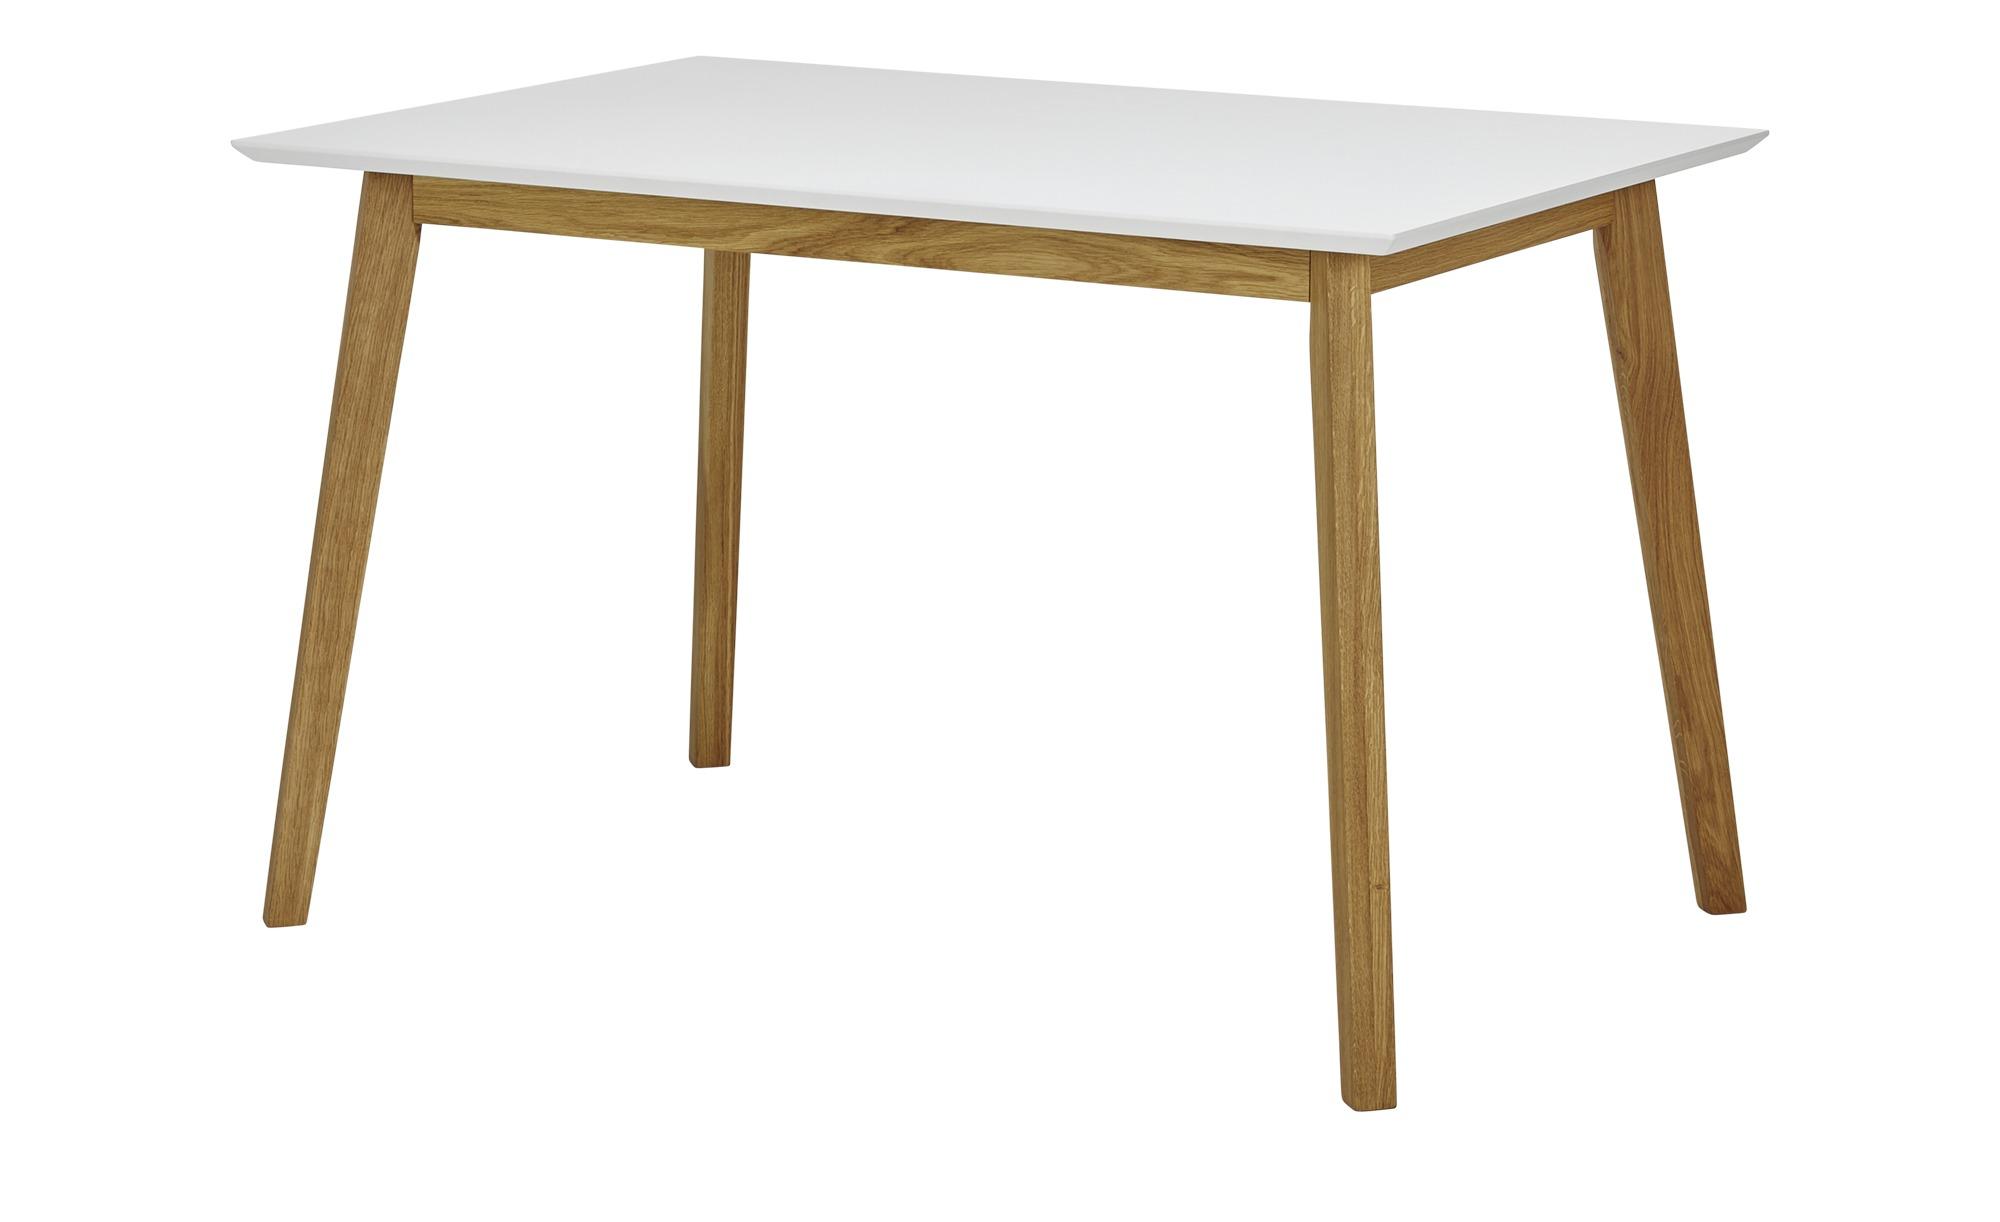 Woodford Esstisch  Sada ¦ Maße (cm): B: 80 H: 75 Tische > Esstische > Esstische eckig - Höffner